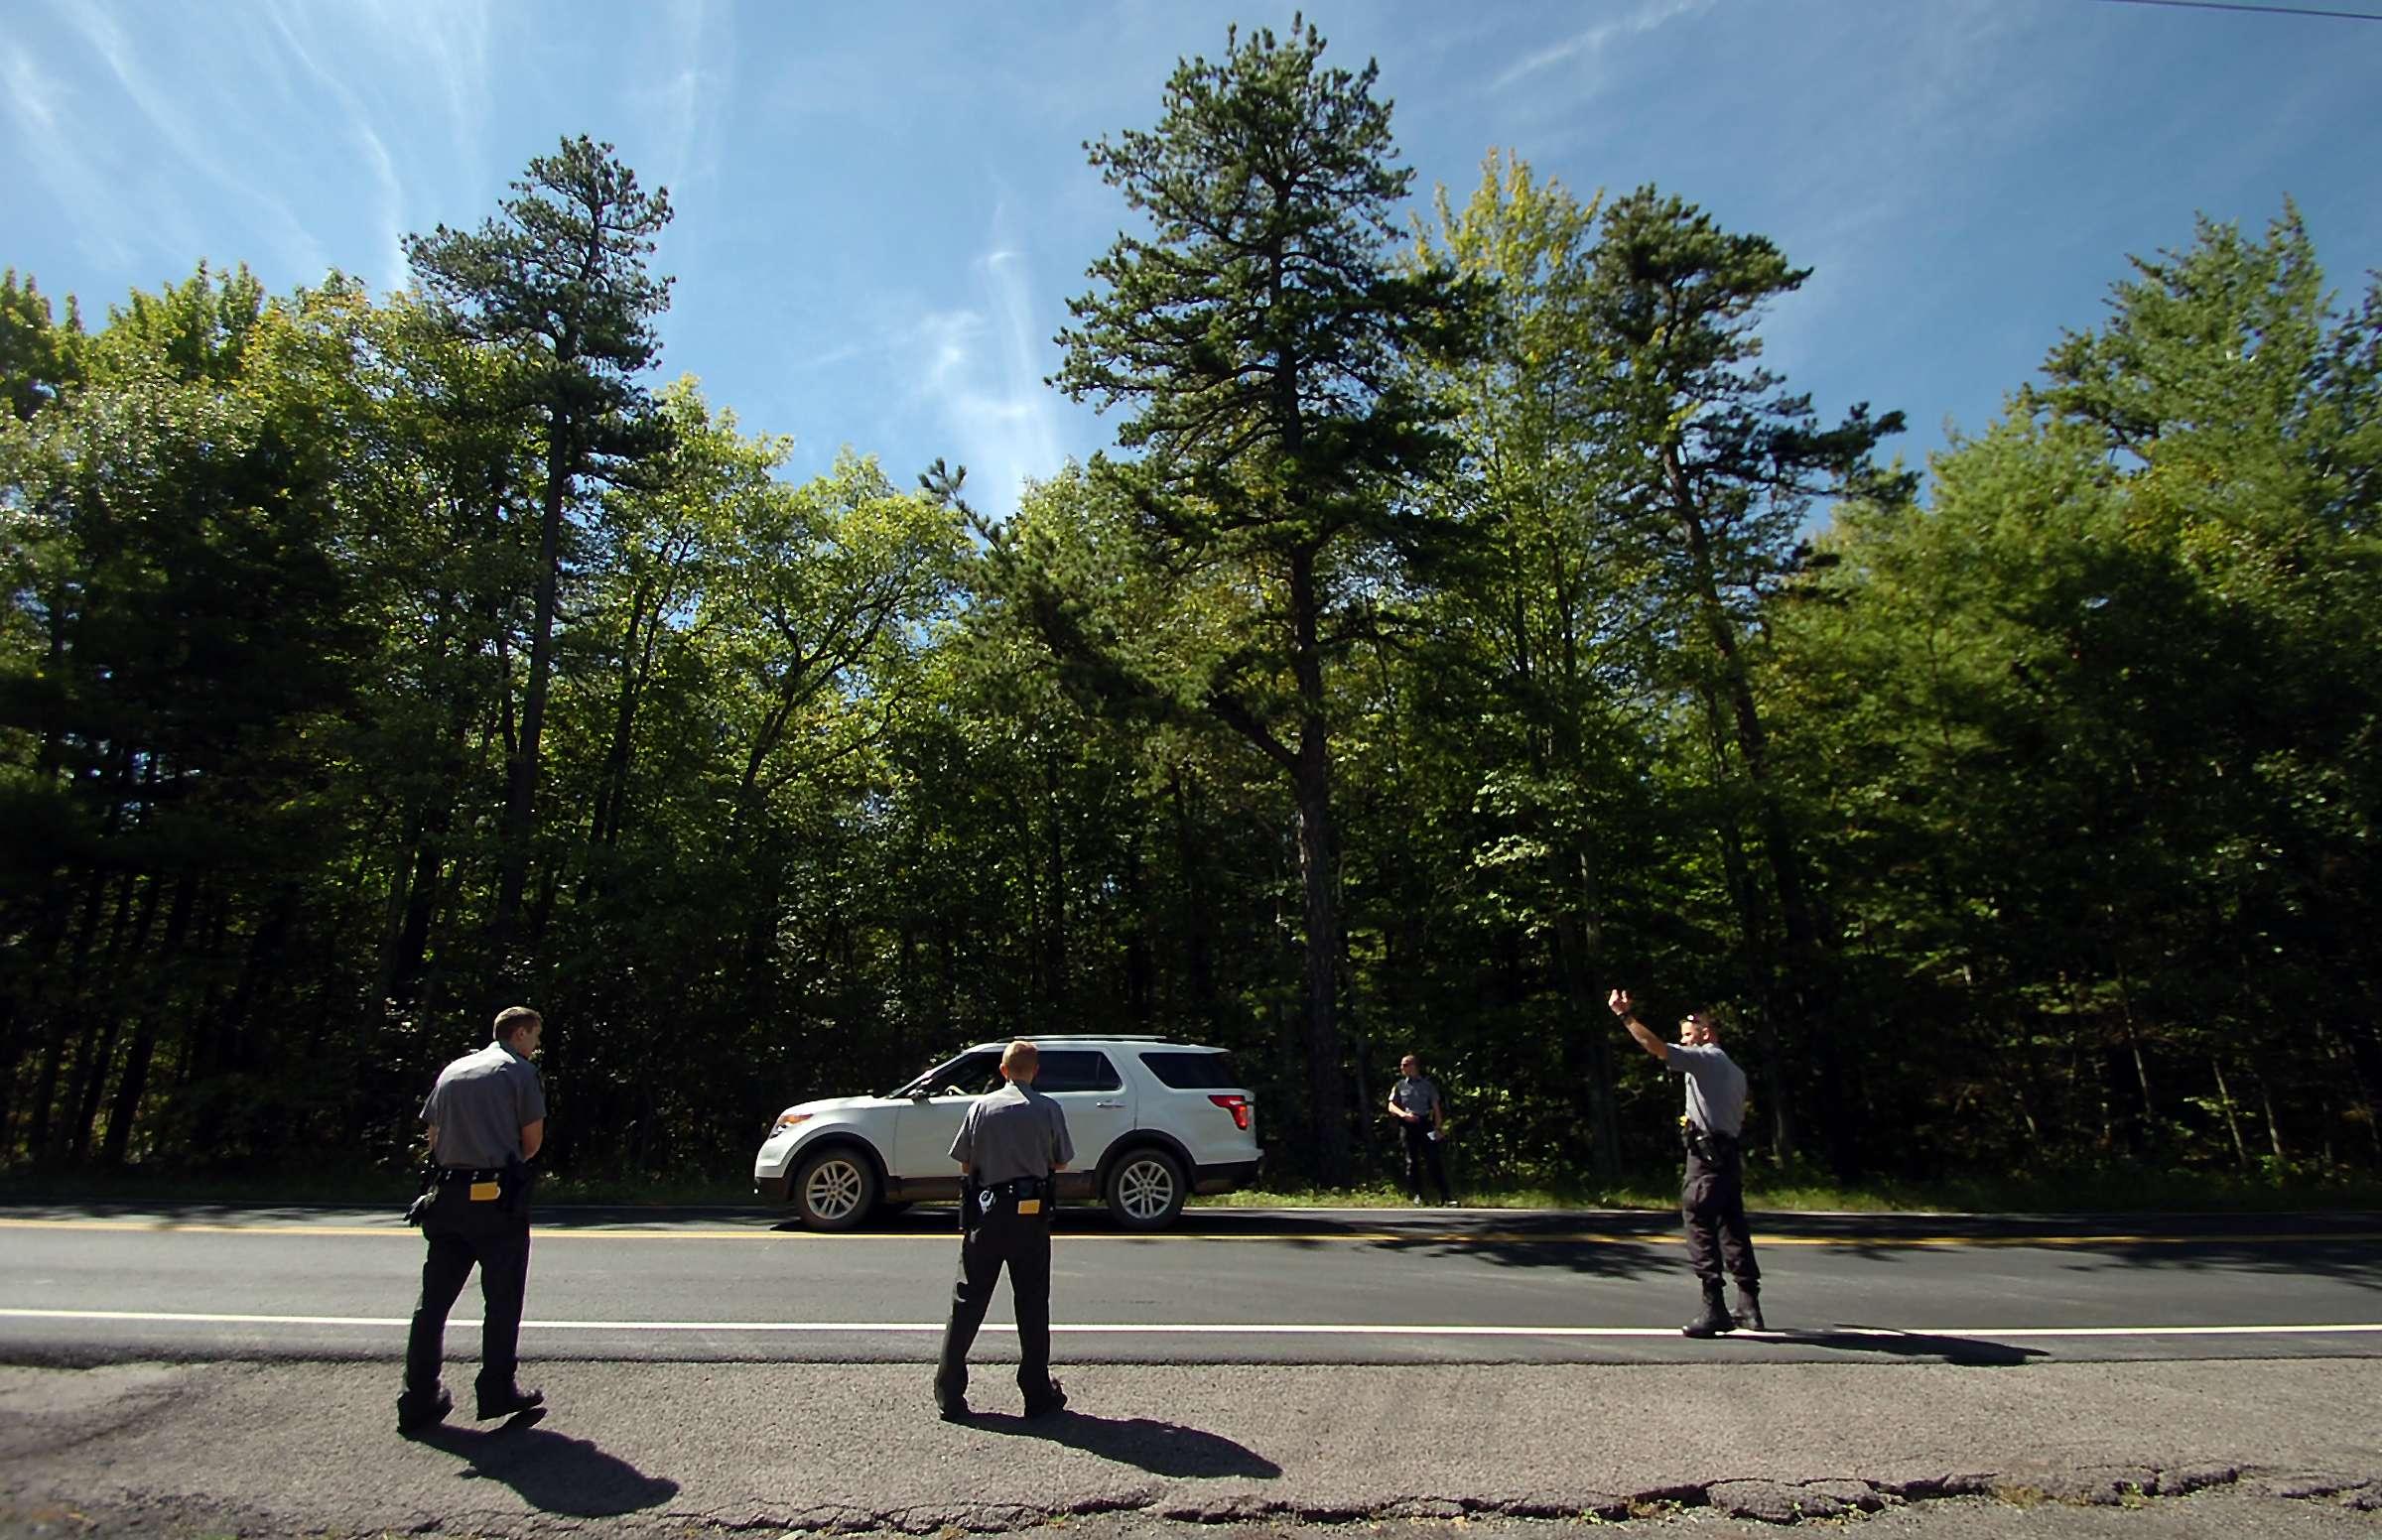 Policías estatales de Pennsylvania vigilan en un retén en la carretera 402 en Blooming Grove Township, Pennsylvania, el domingo 14 de septiembre de 2014. Foto: AP en español